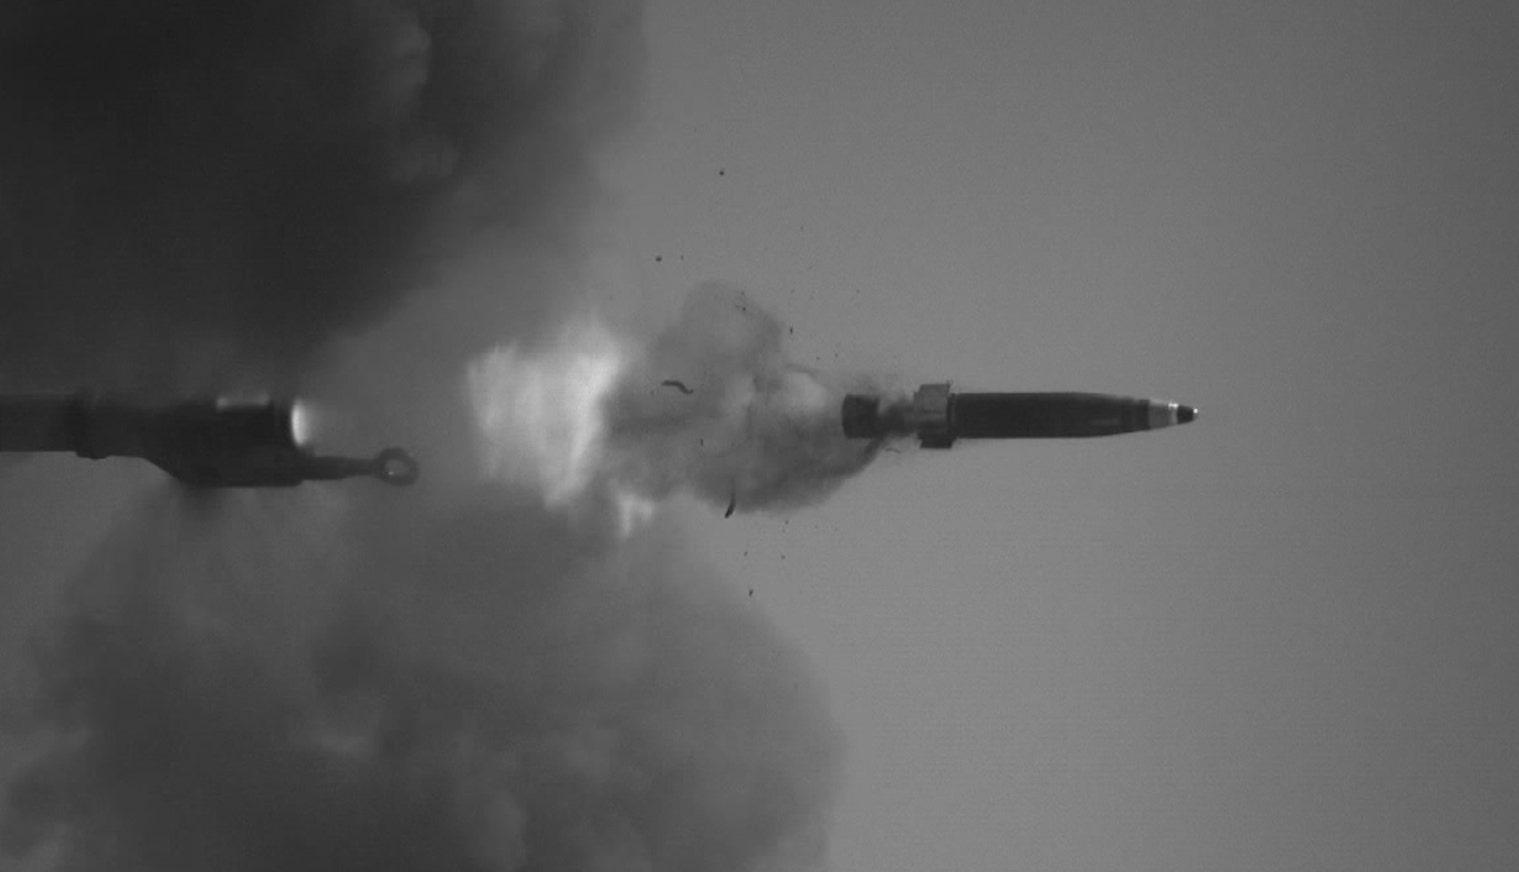 新しいレーザーガイド砲丸を破壊移動目標